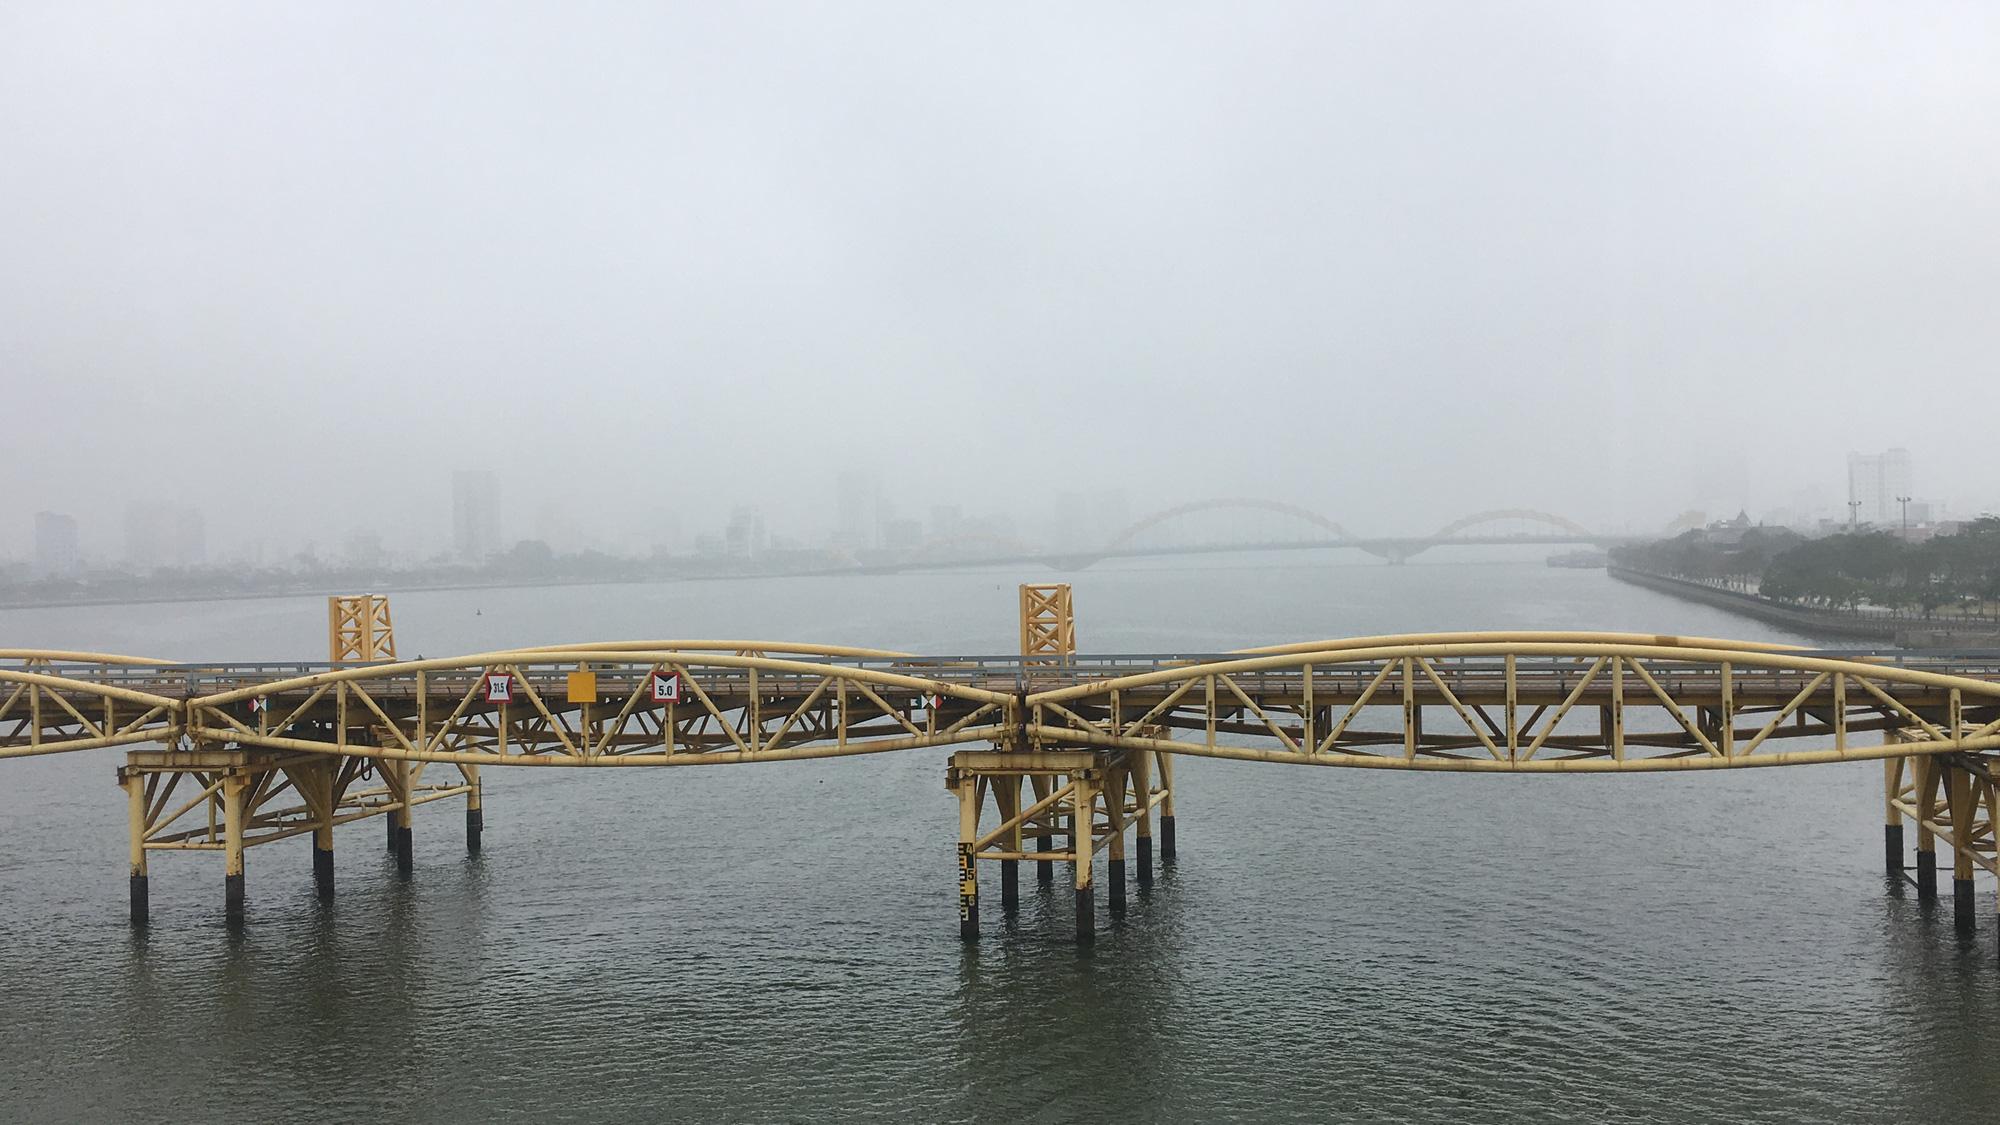 Đà Nẵng chìm trong sương mù dày đặc dù đã gần 9 giờ sáng - Ảnh 8.